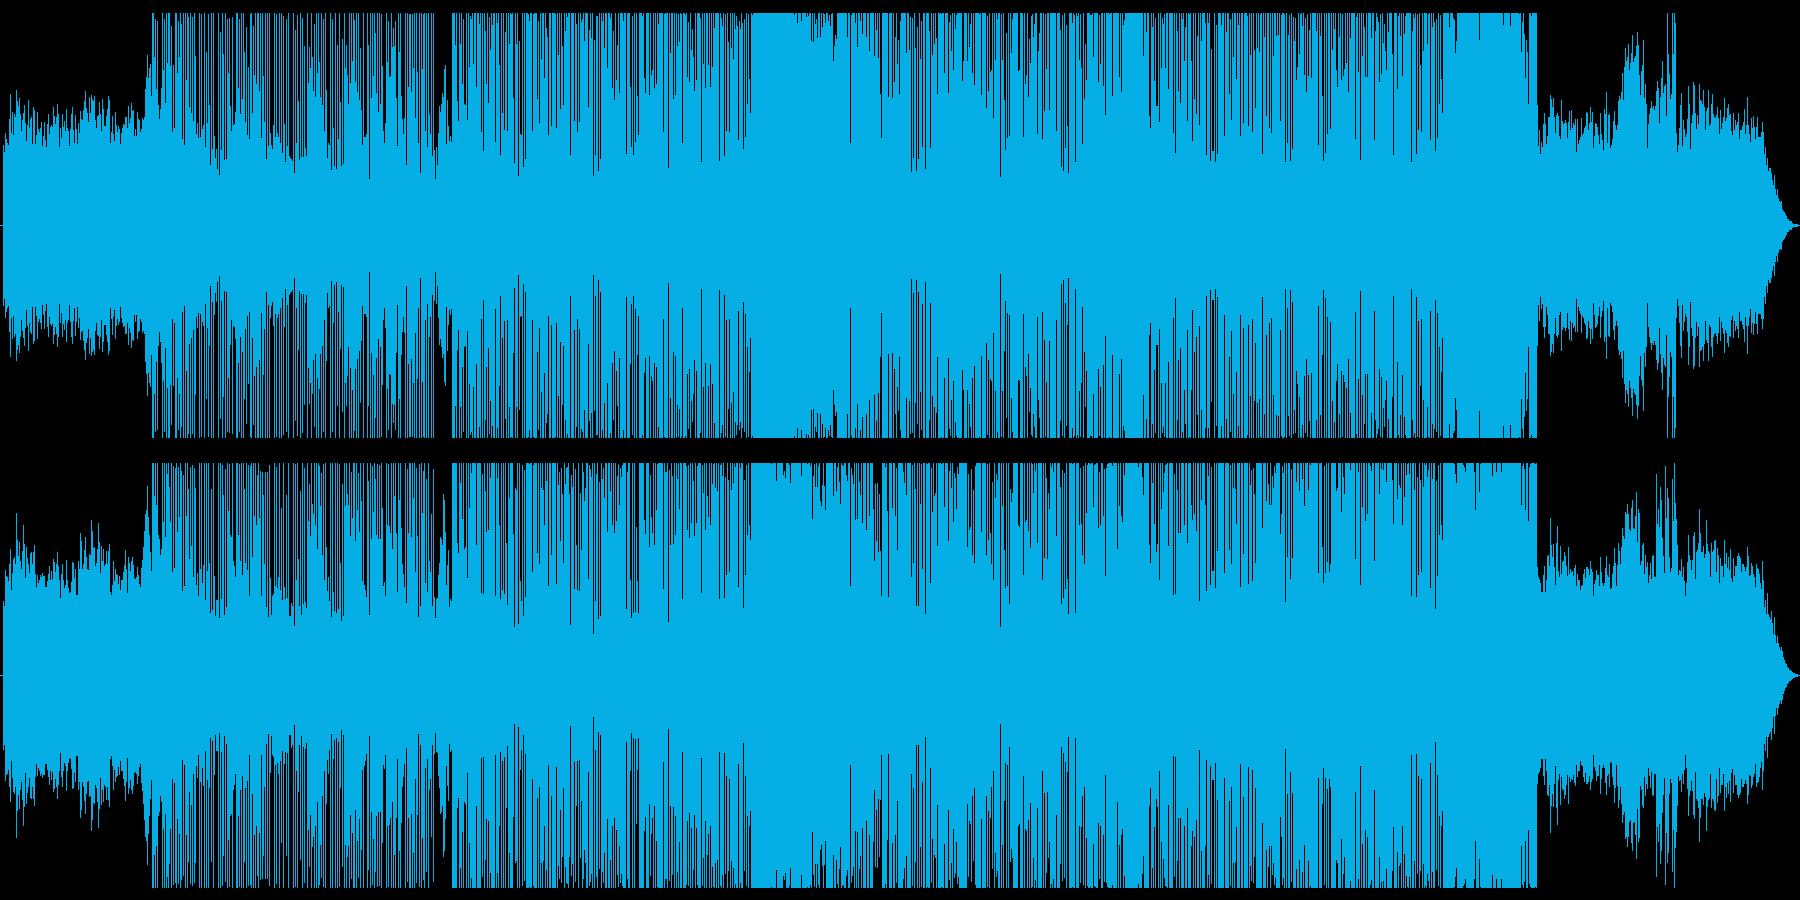 琴を使った幻想的なポップスの再生済みの波形